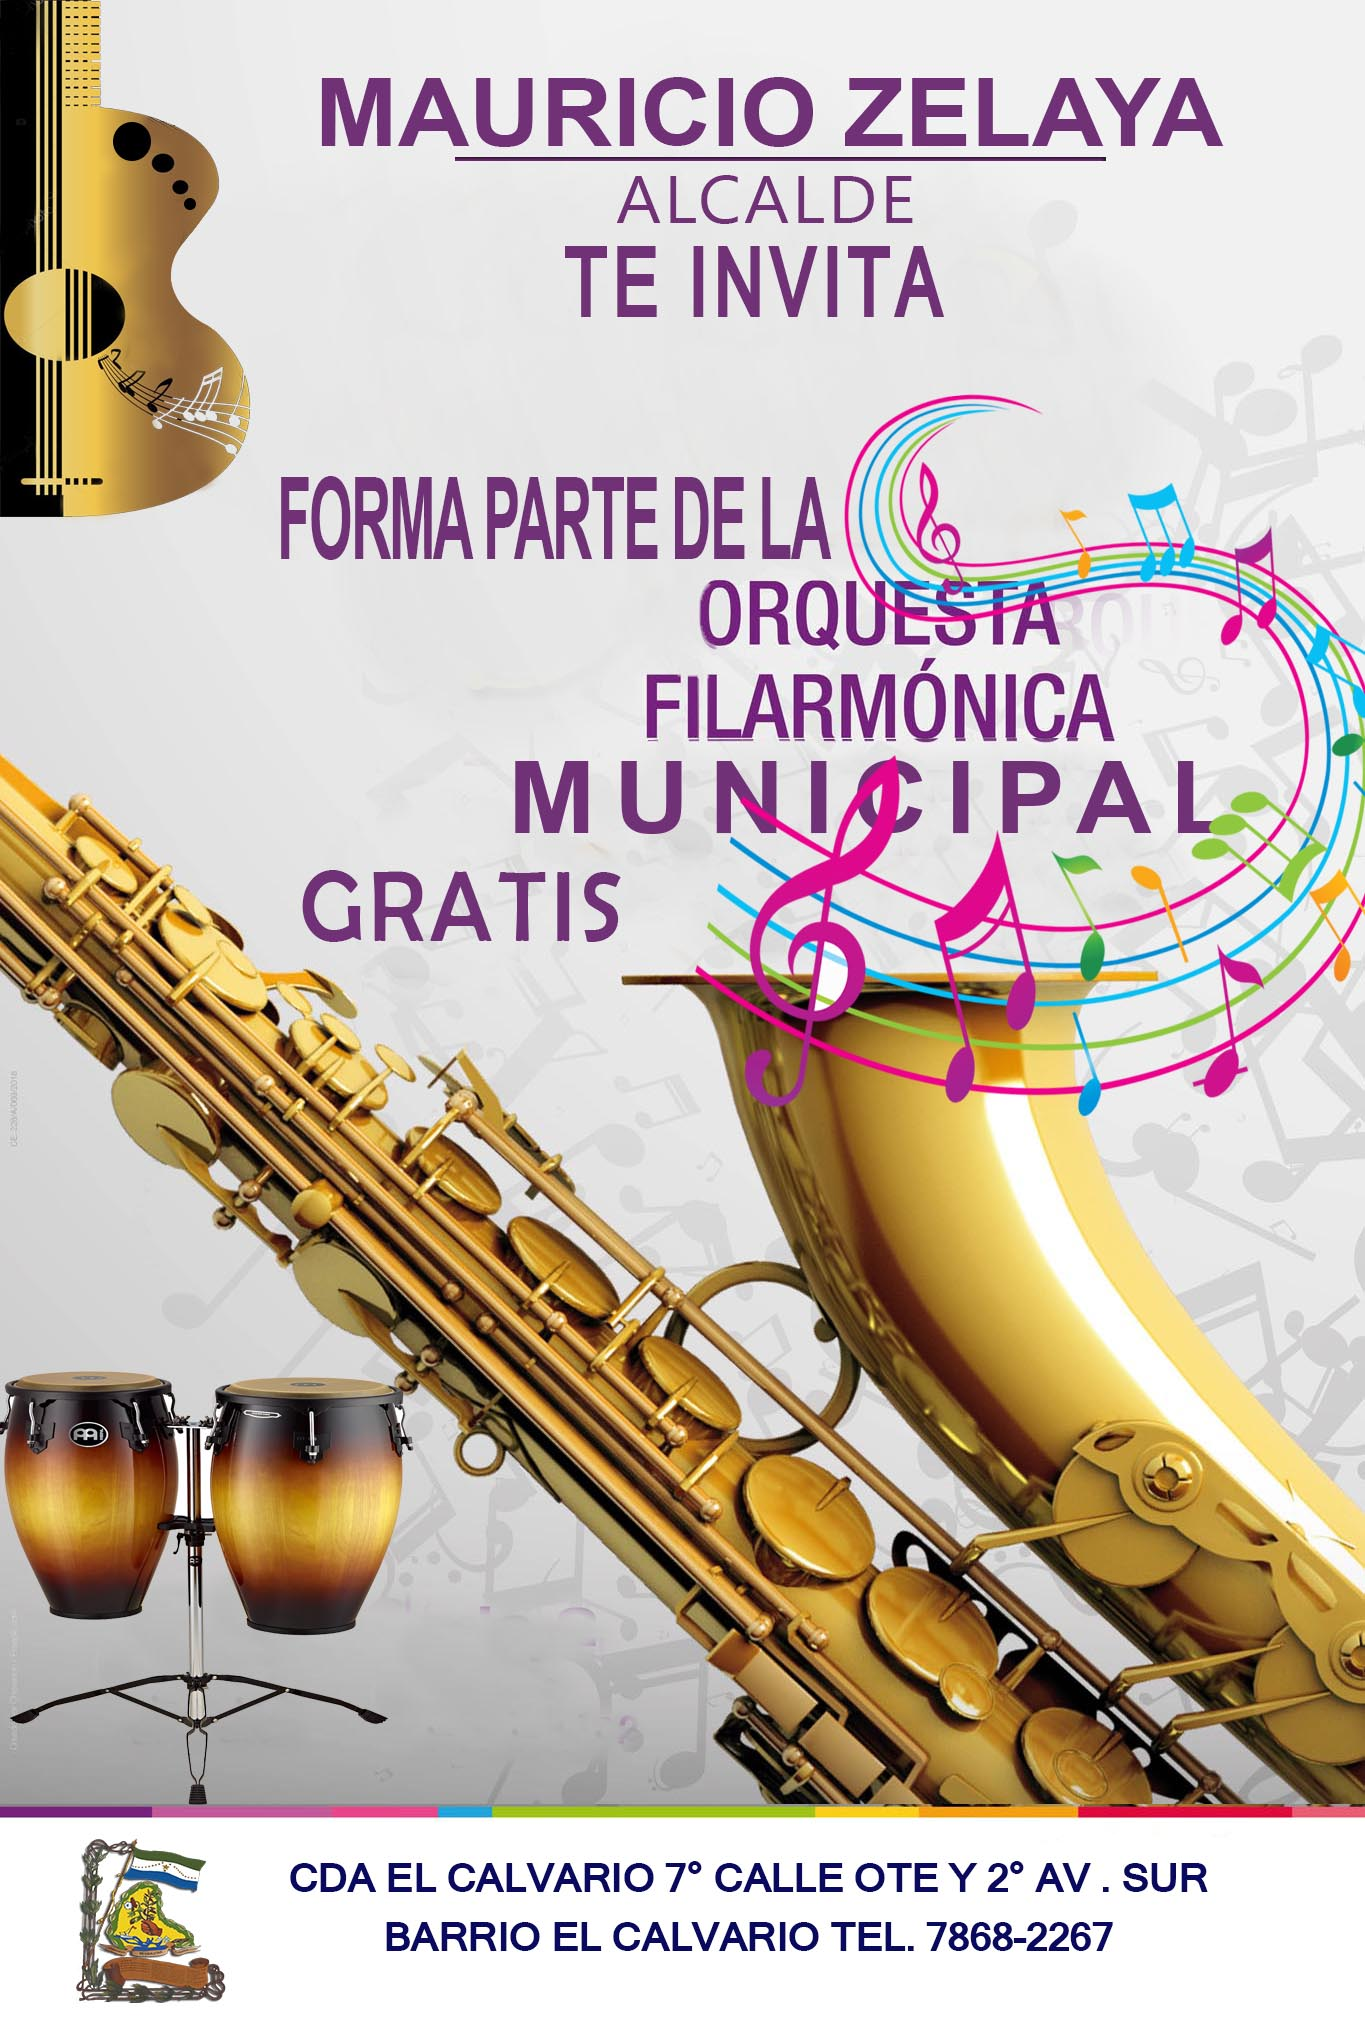 Mauricio Zelaya Alcade te invita a utilizar tu tiempo libre aprendiendo a tocar un instrumento Gratis.